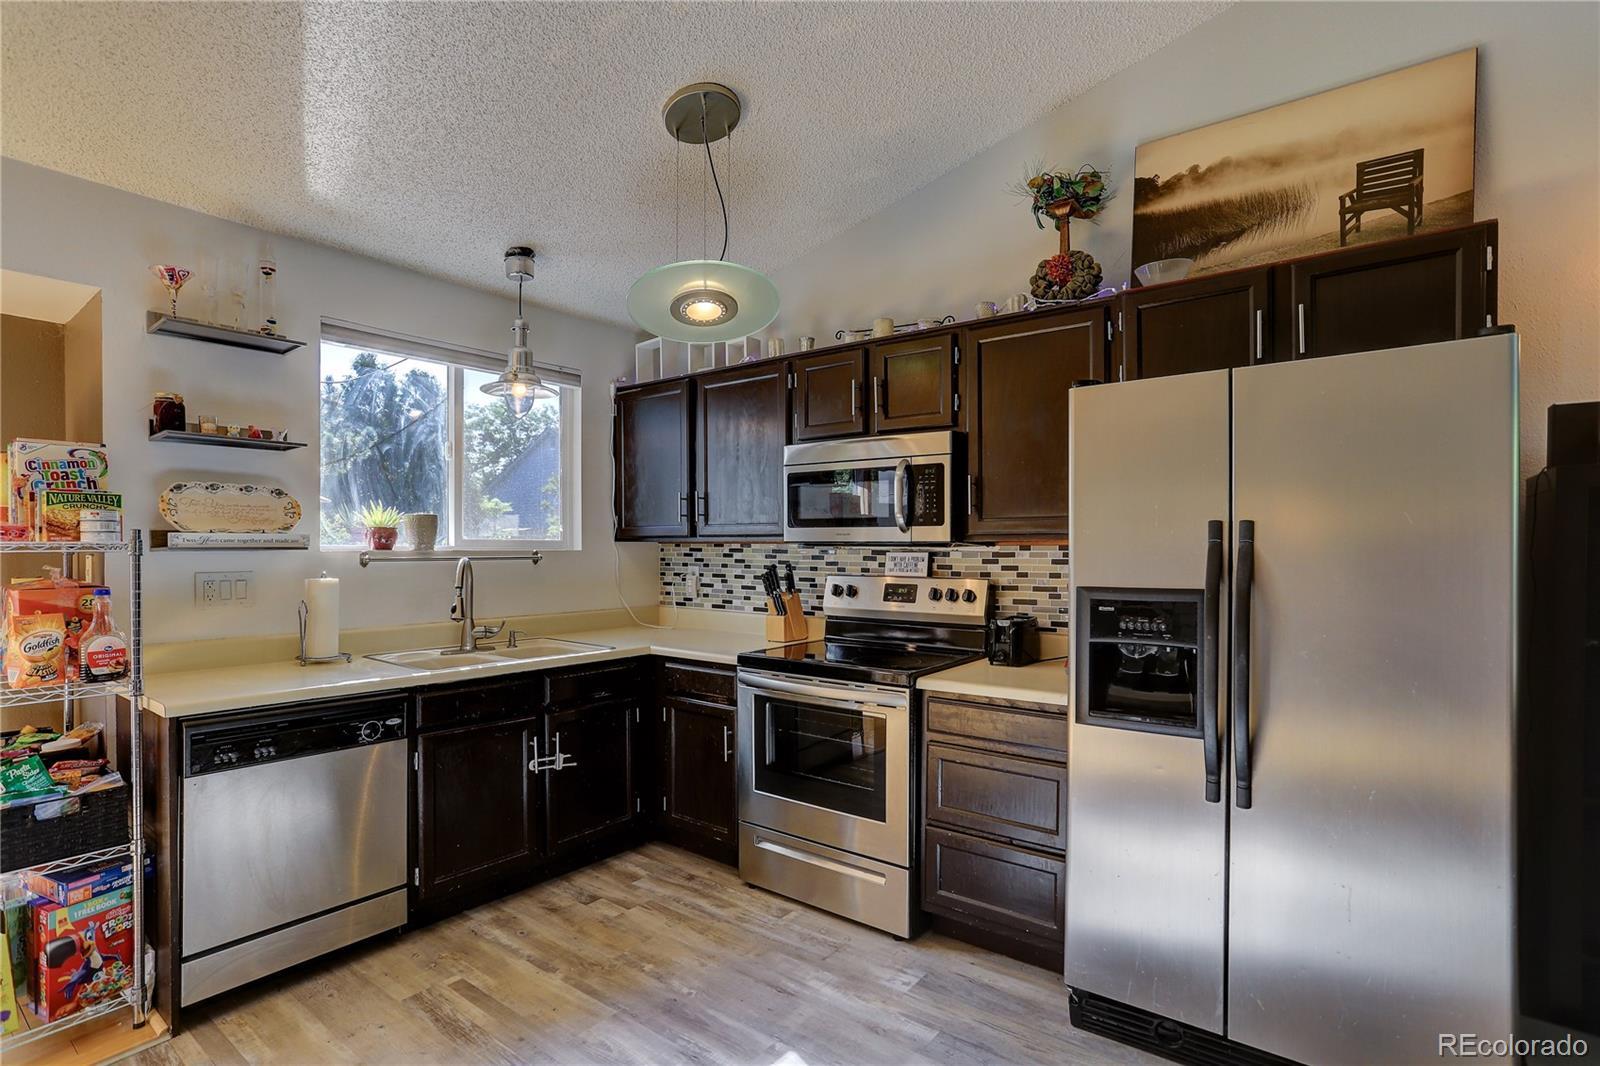 MLS# 2898373 - 11 - 152 S Pembrook Street, Castle Rock, CO 80104